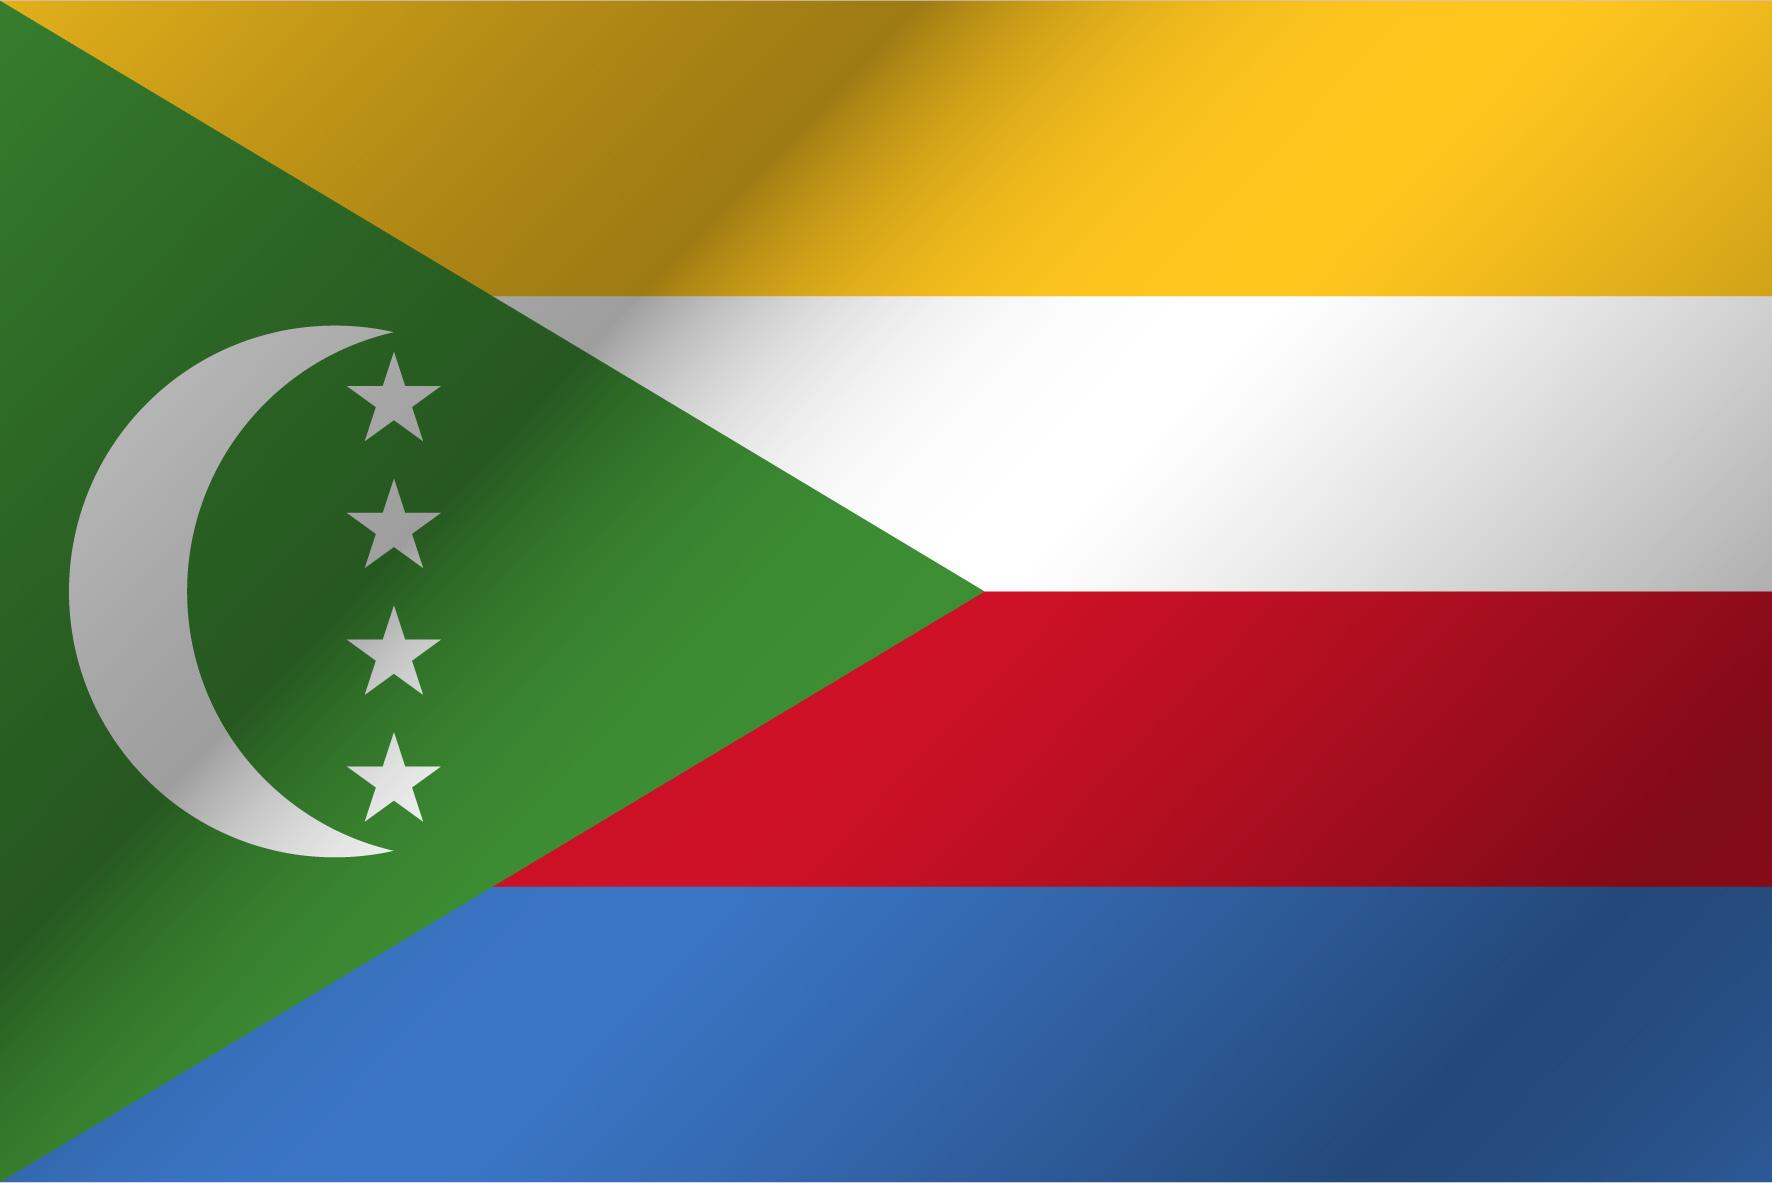 Sol, estrellas y lunas en banderas de países | Blog de Banderas VDK